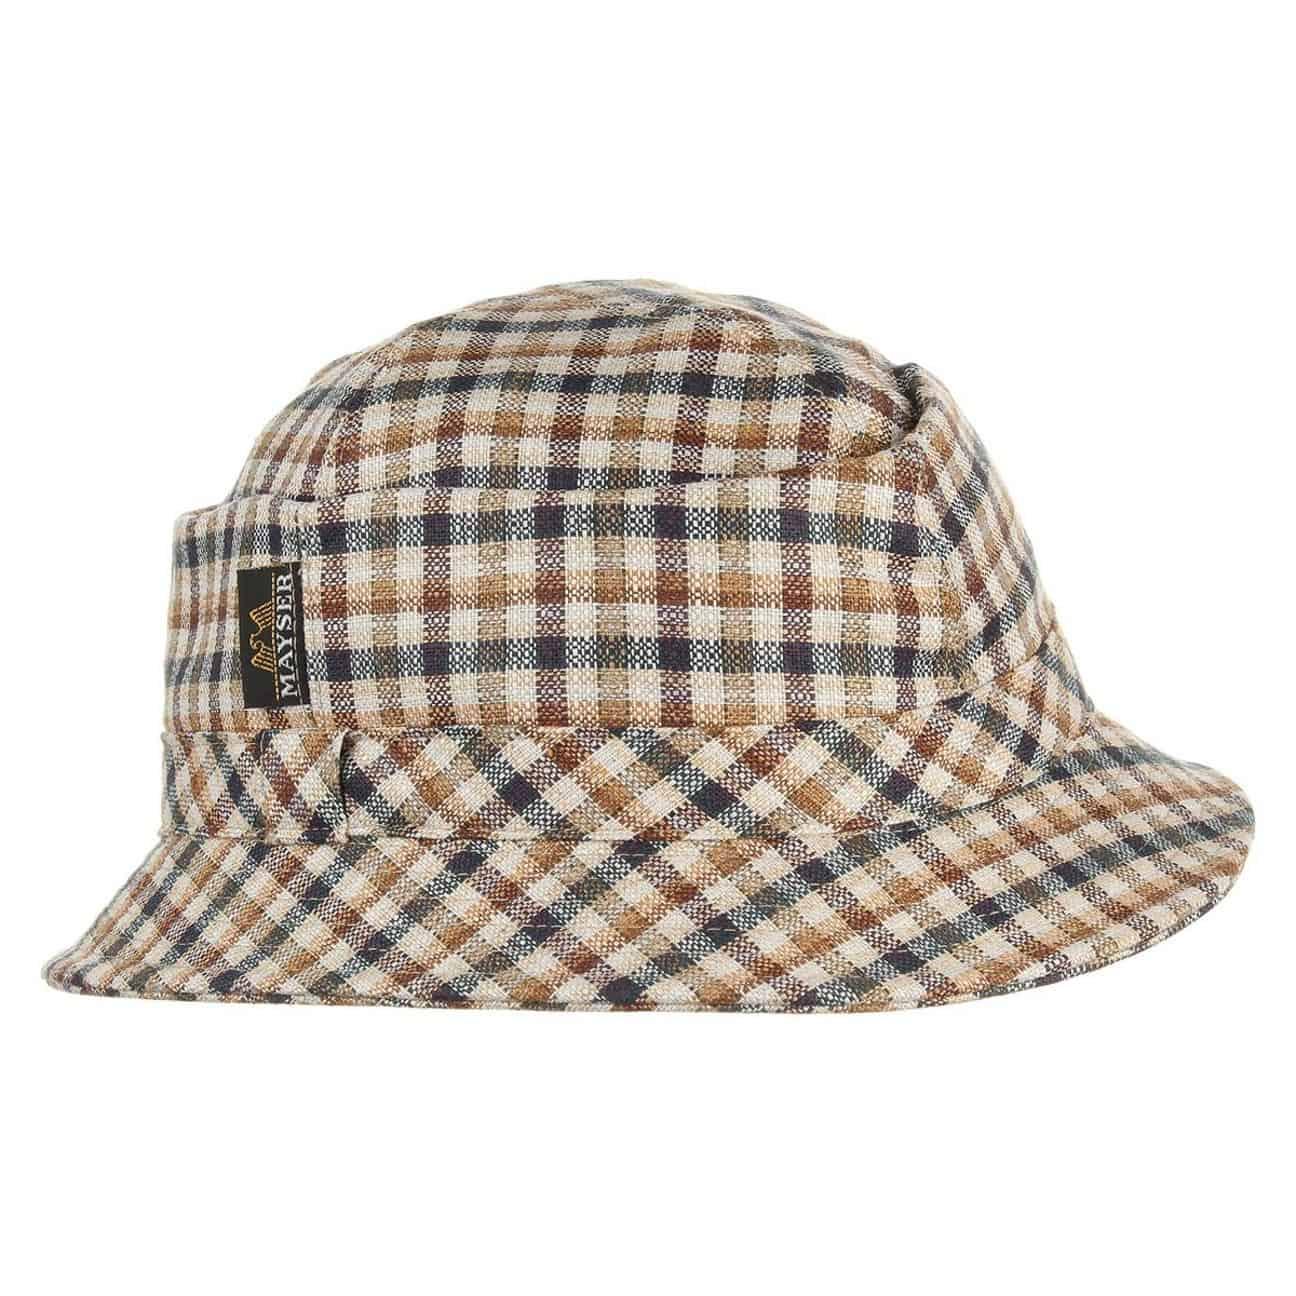 5c279a8ca8ee0 Sombrero de Verano Carlo by Mayser - Sombreros - sombreroshop.es